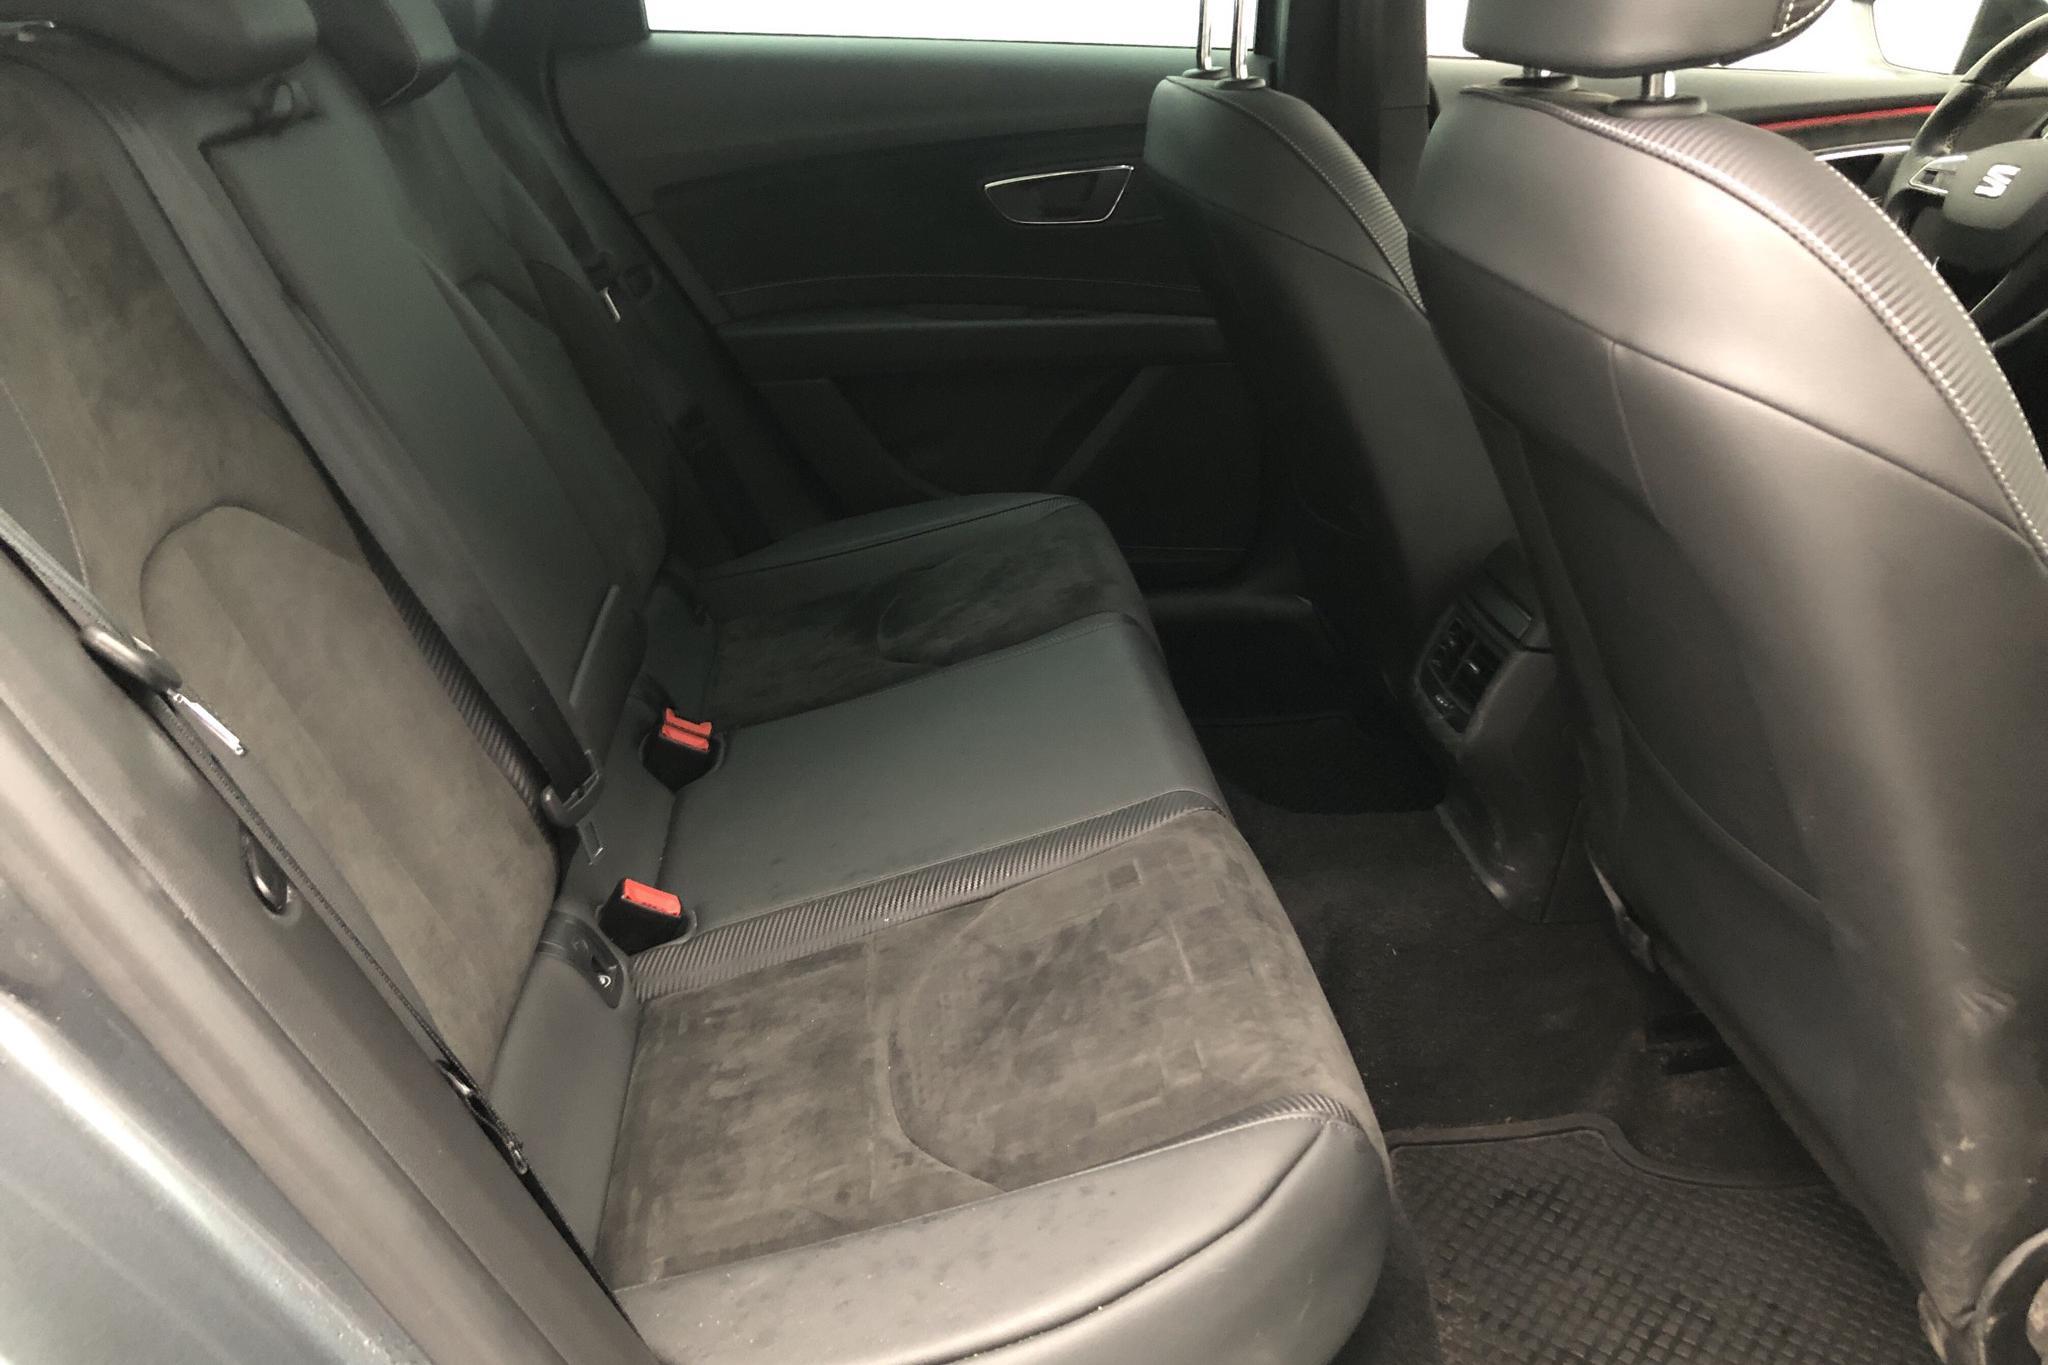 Seat Leon 2.0 TSI Cupra ST 4Drive (300hk) - 5 059 mil - Automat - Light Grey - 2017